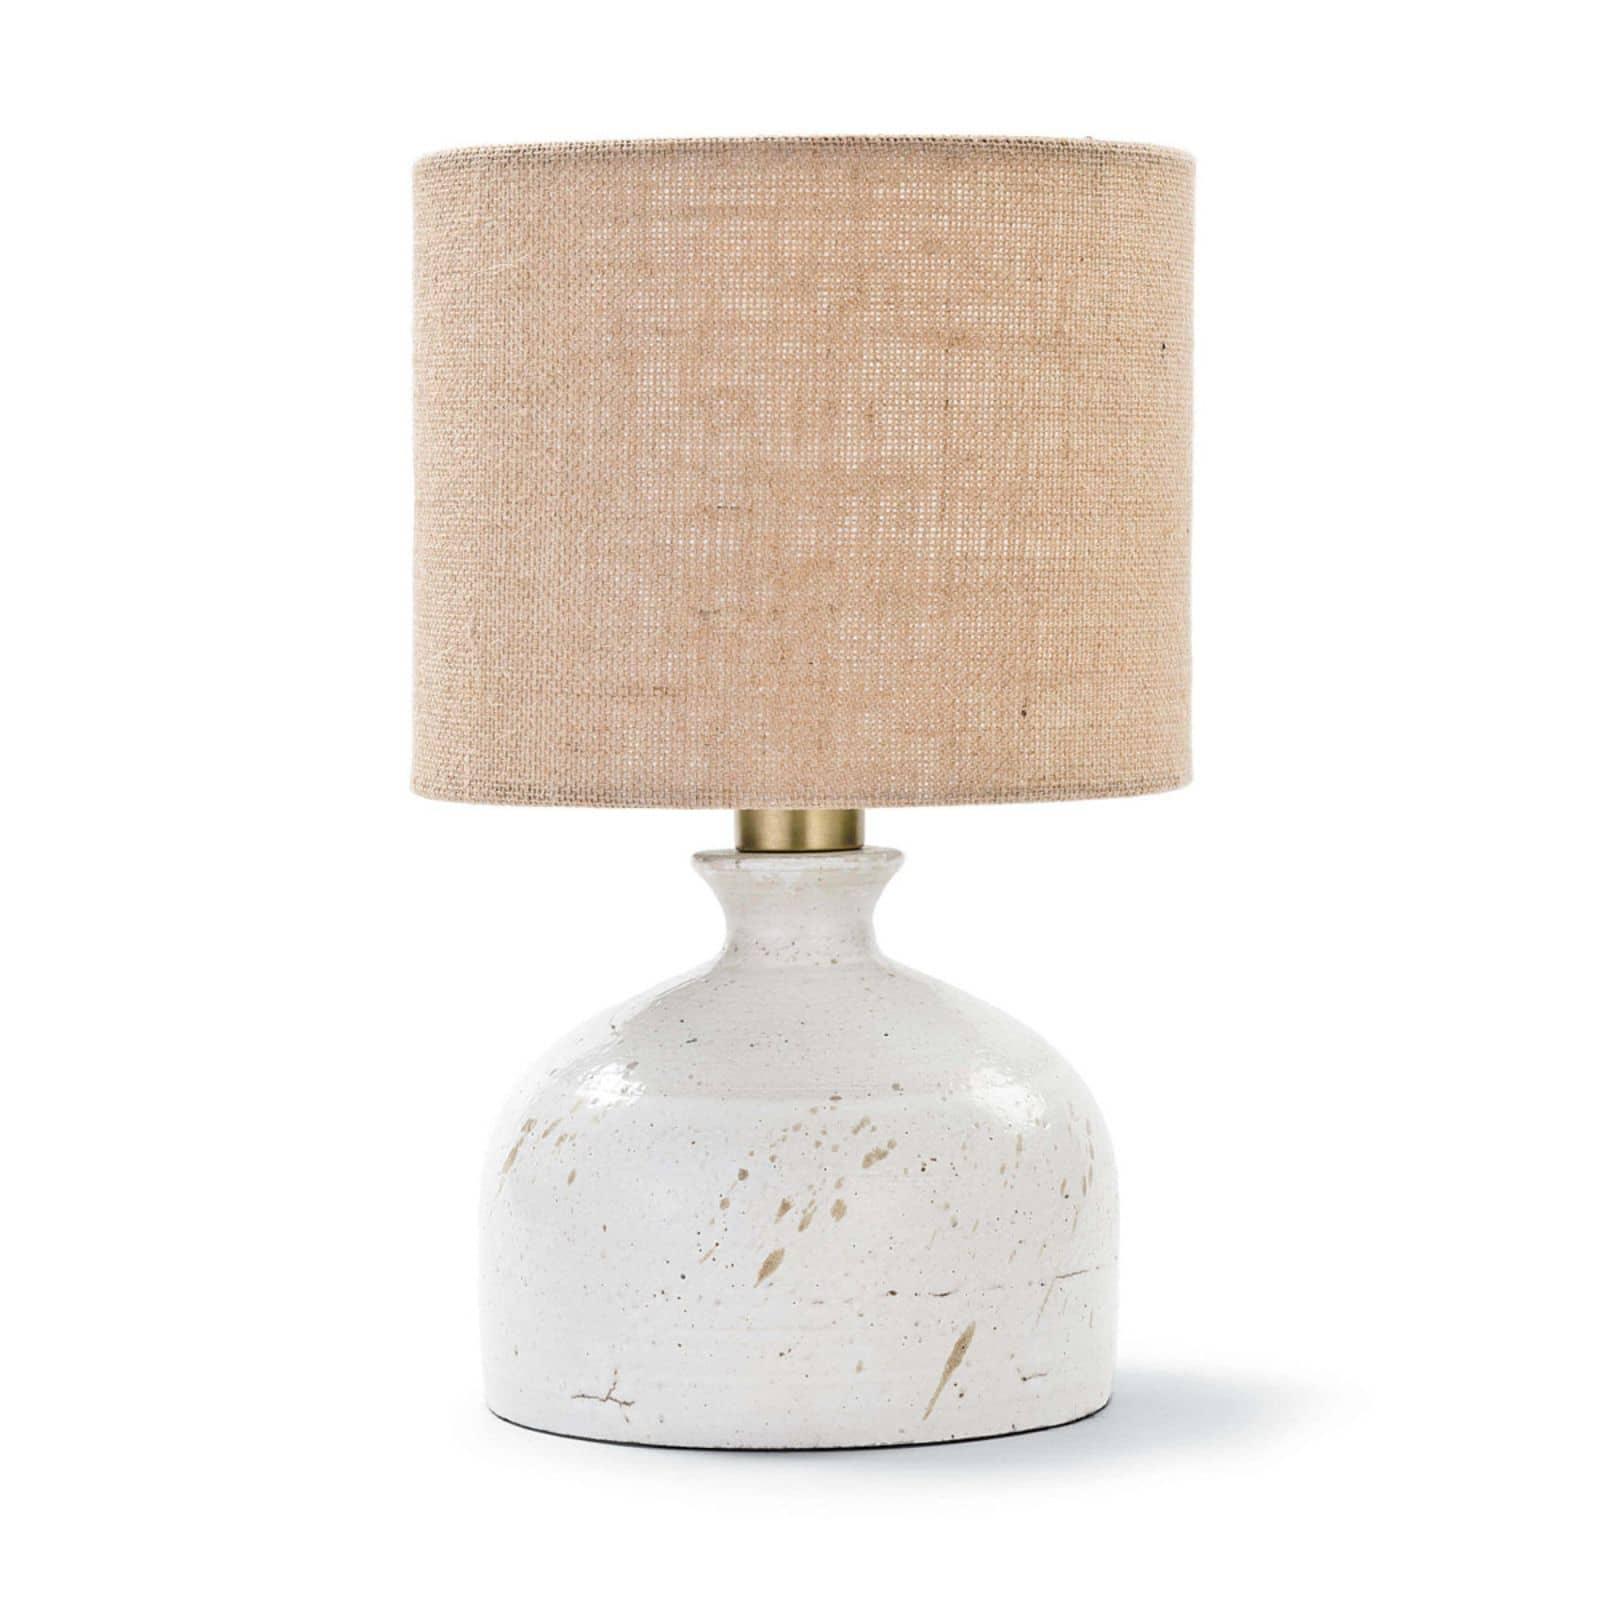 Marselle Ceramic Table Lamp | Regina Andrew